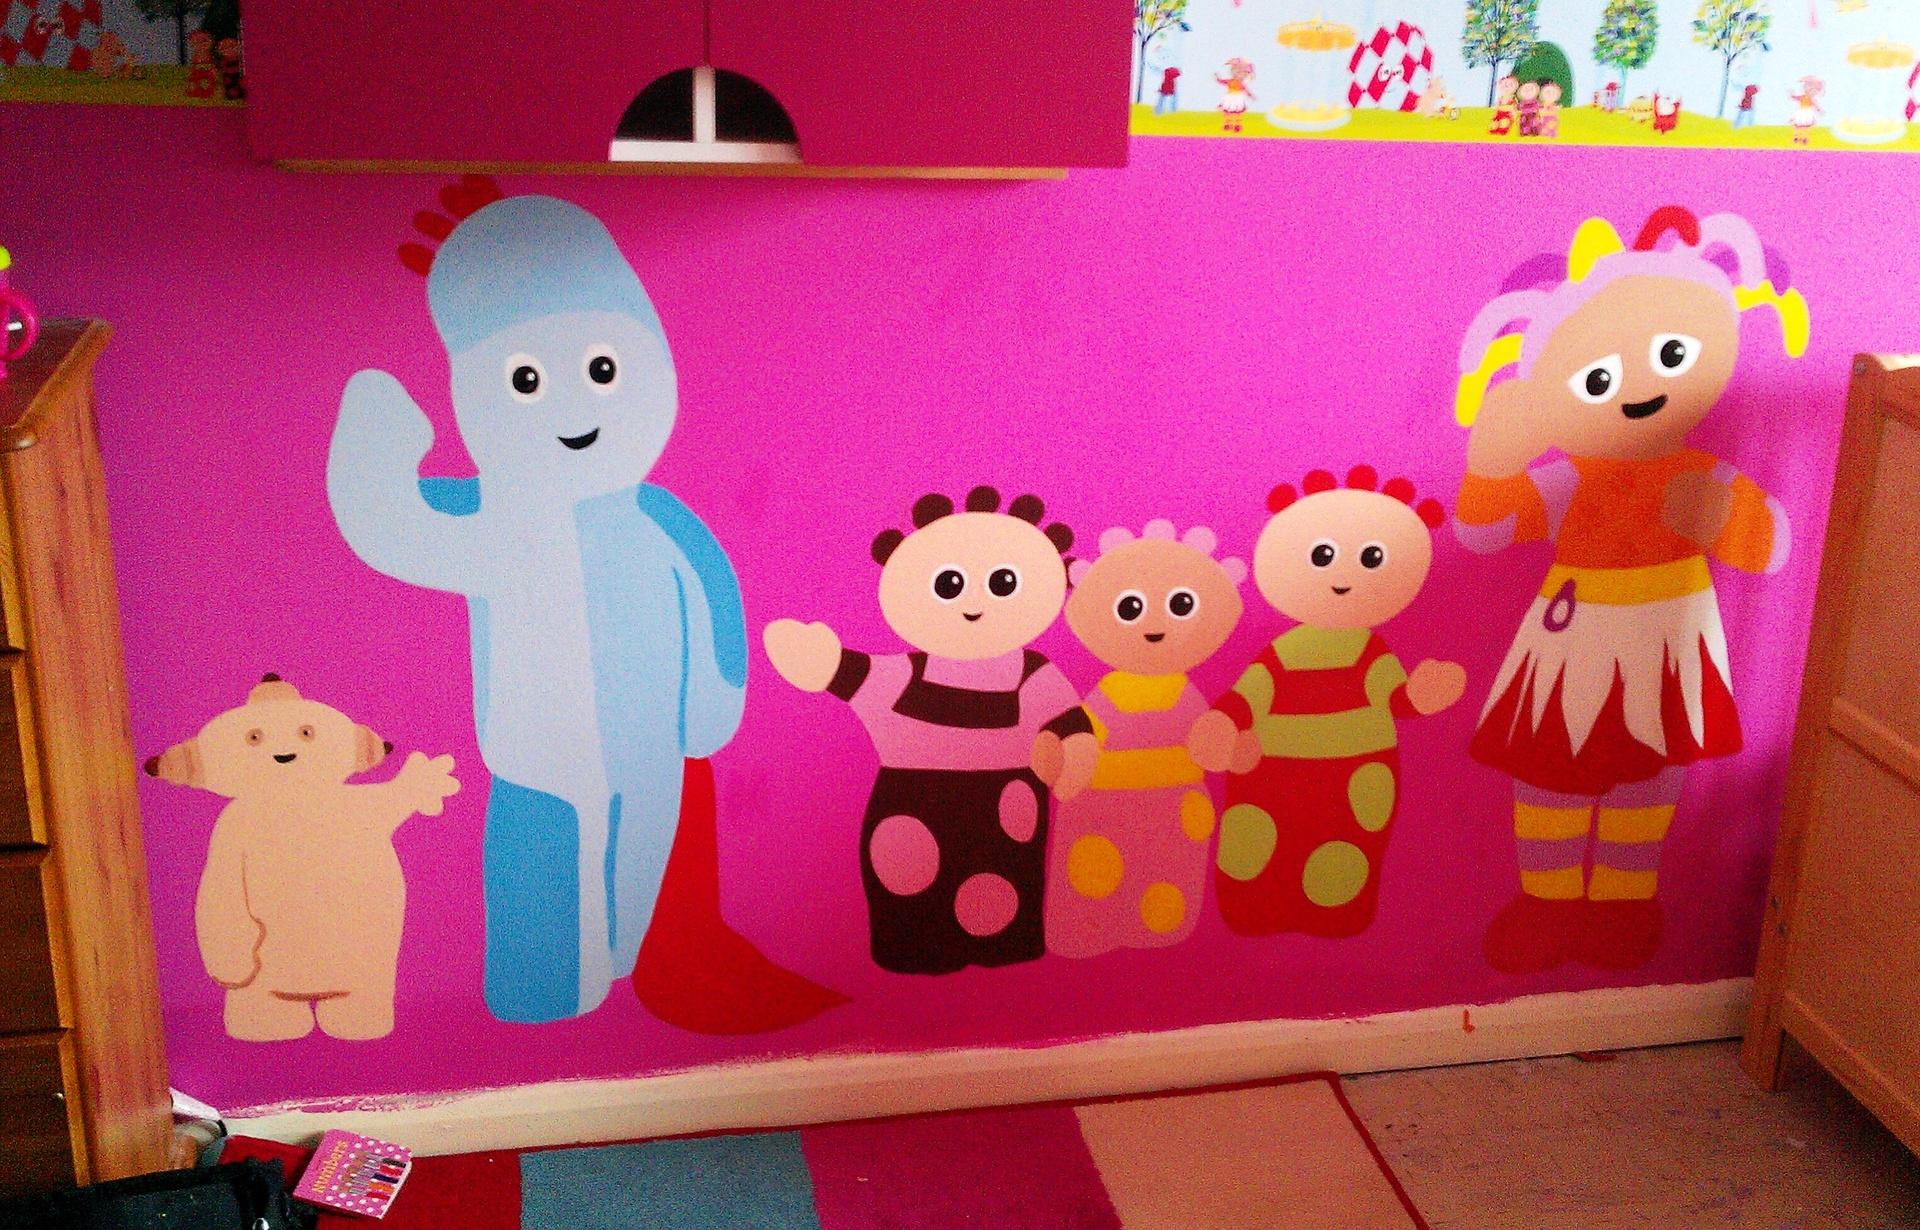 Marvellous Murals Part 2